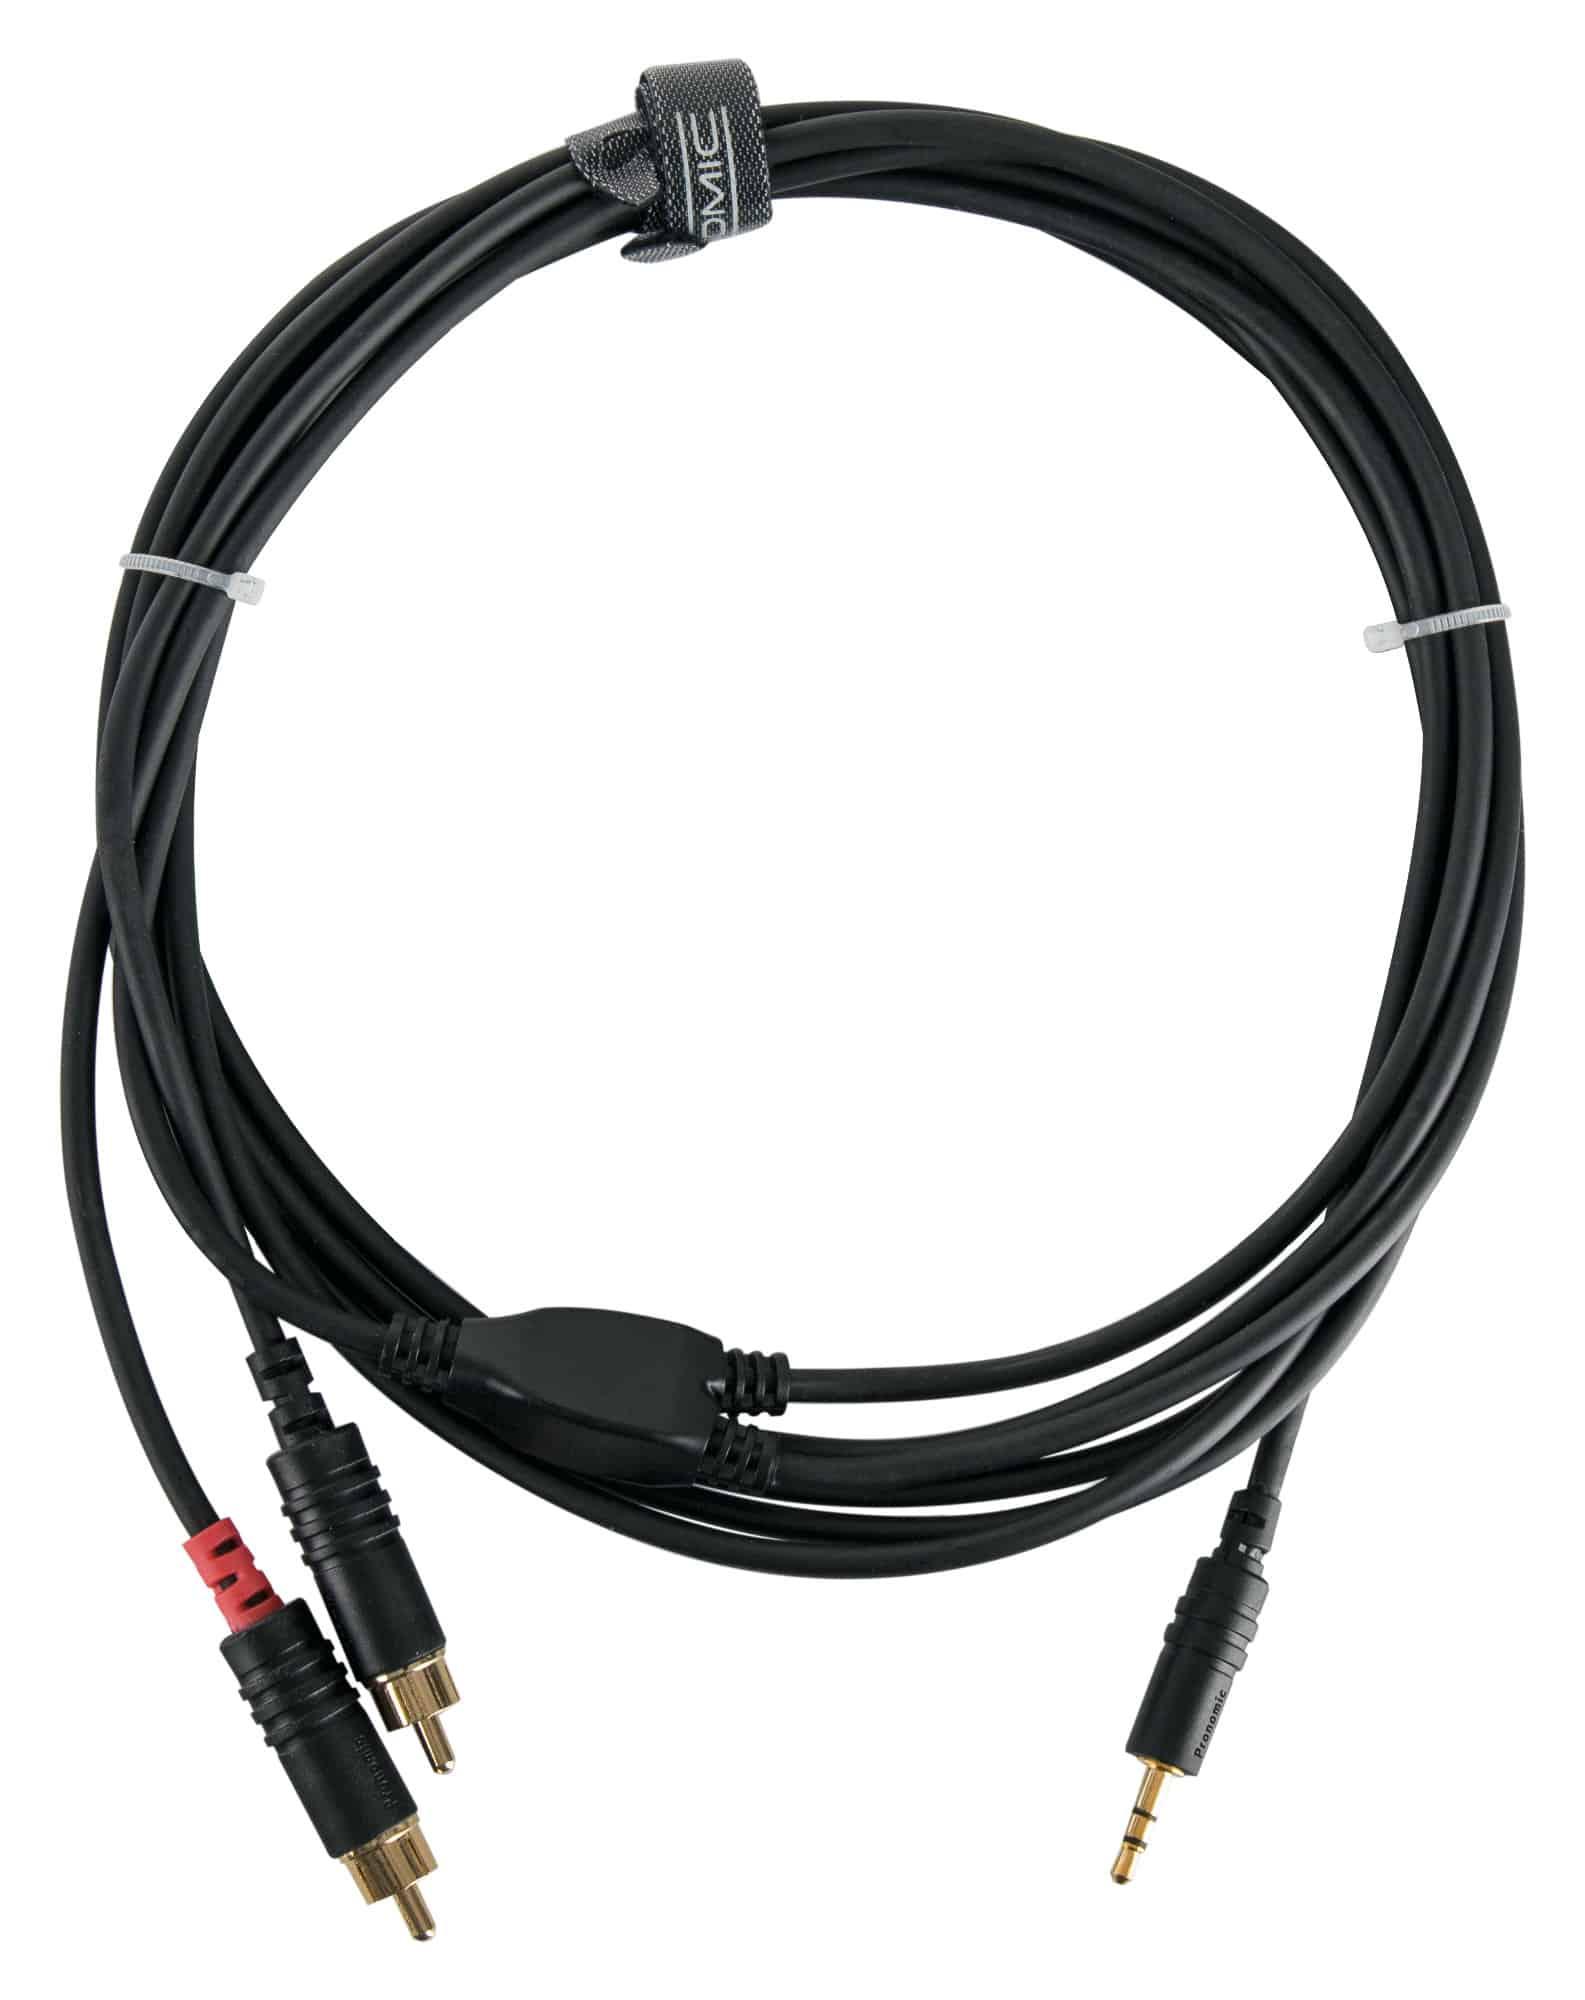 Pronomic Stage J3RC 3m Audiokabel 3,5mm Stereo Klinke Cinch 3m schwarz